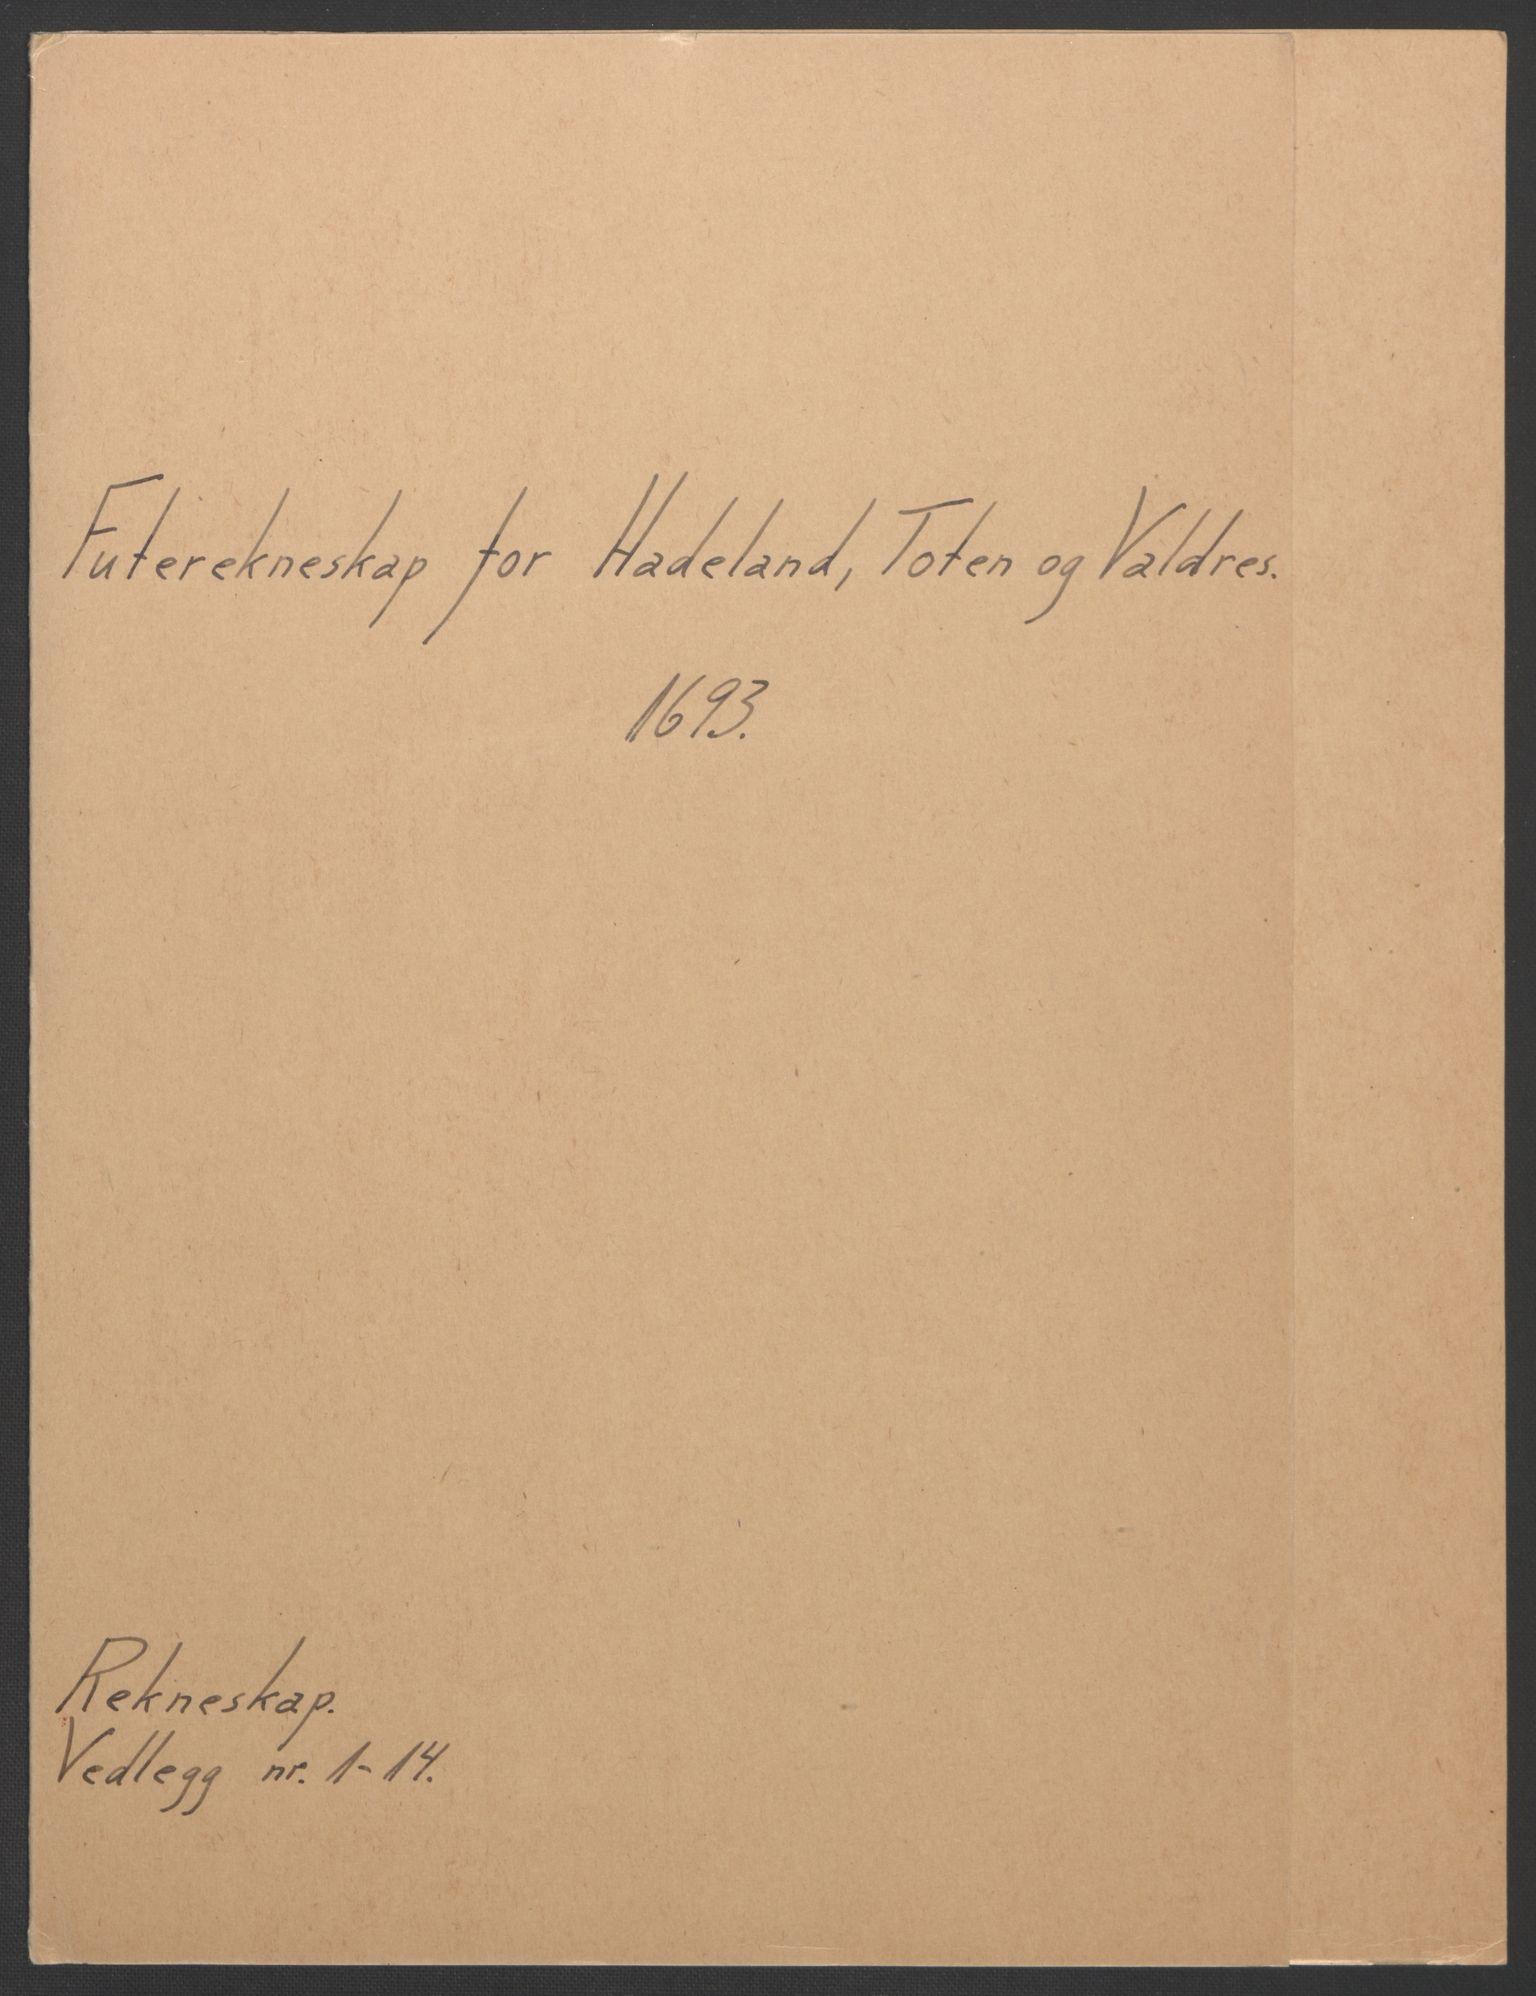 RA, Rentekammeret inntil 1814, Reviderte regnskaper, Fogderegnskap, R18/L1292: Fogderegnskap Hadeland, Toten og Valdres, 1693-1694, s. 2